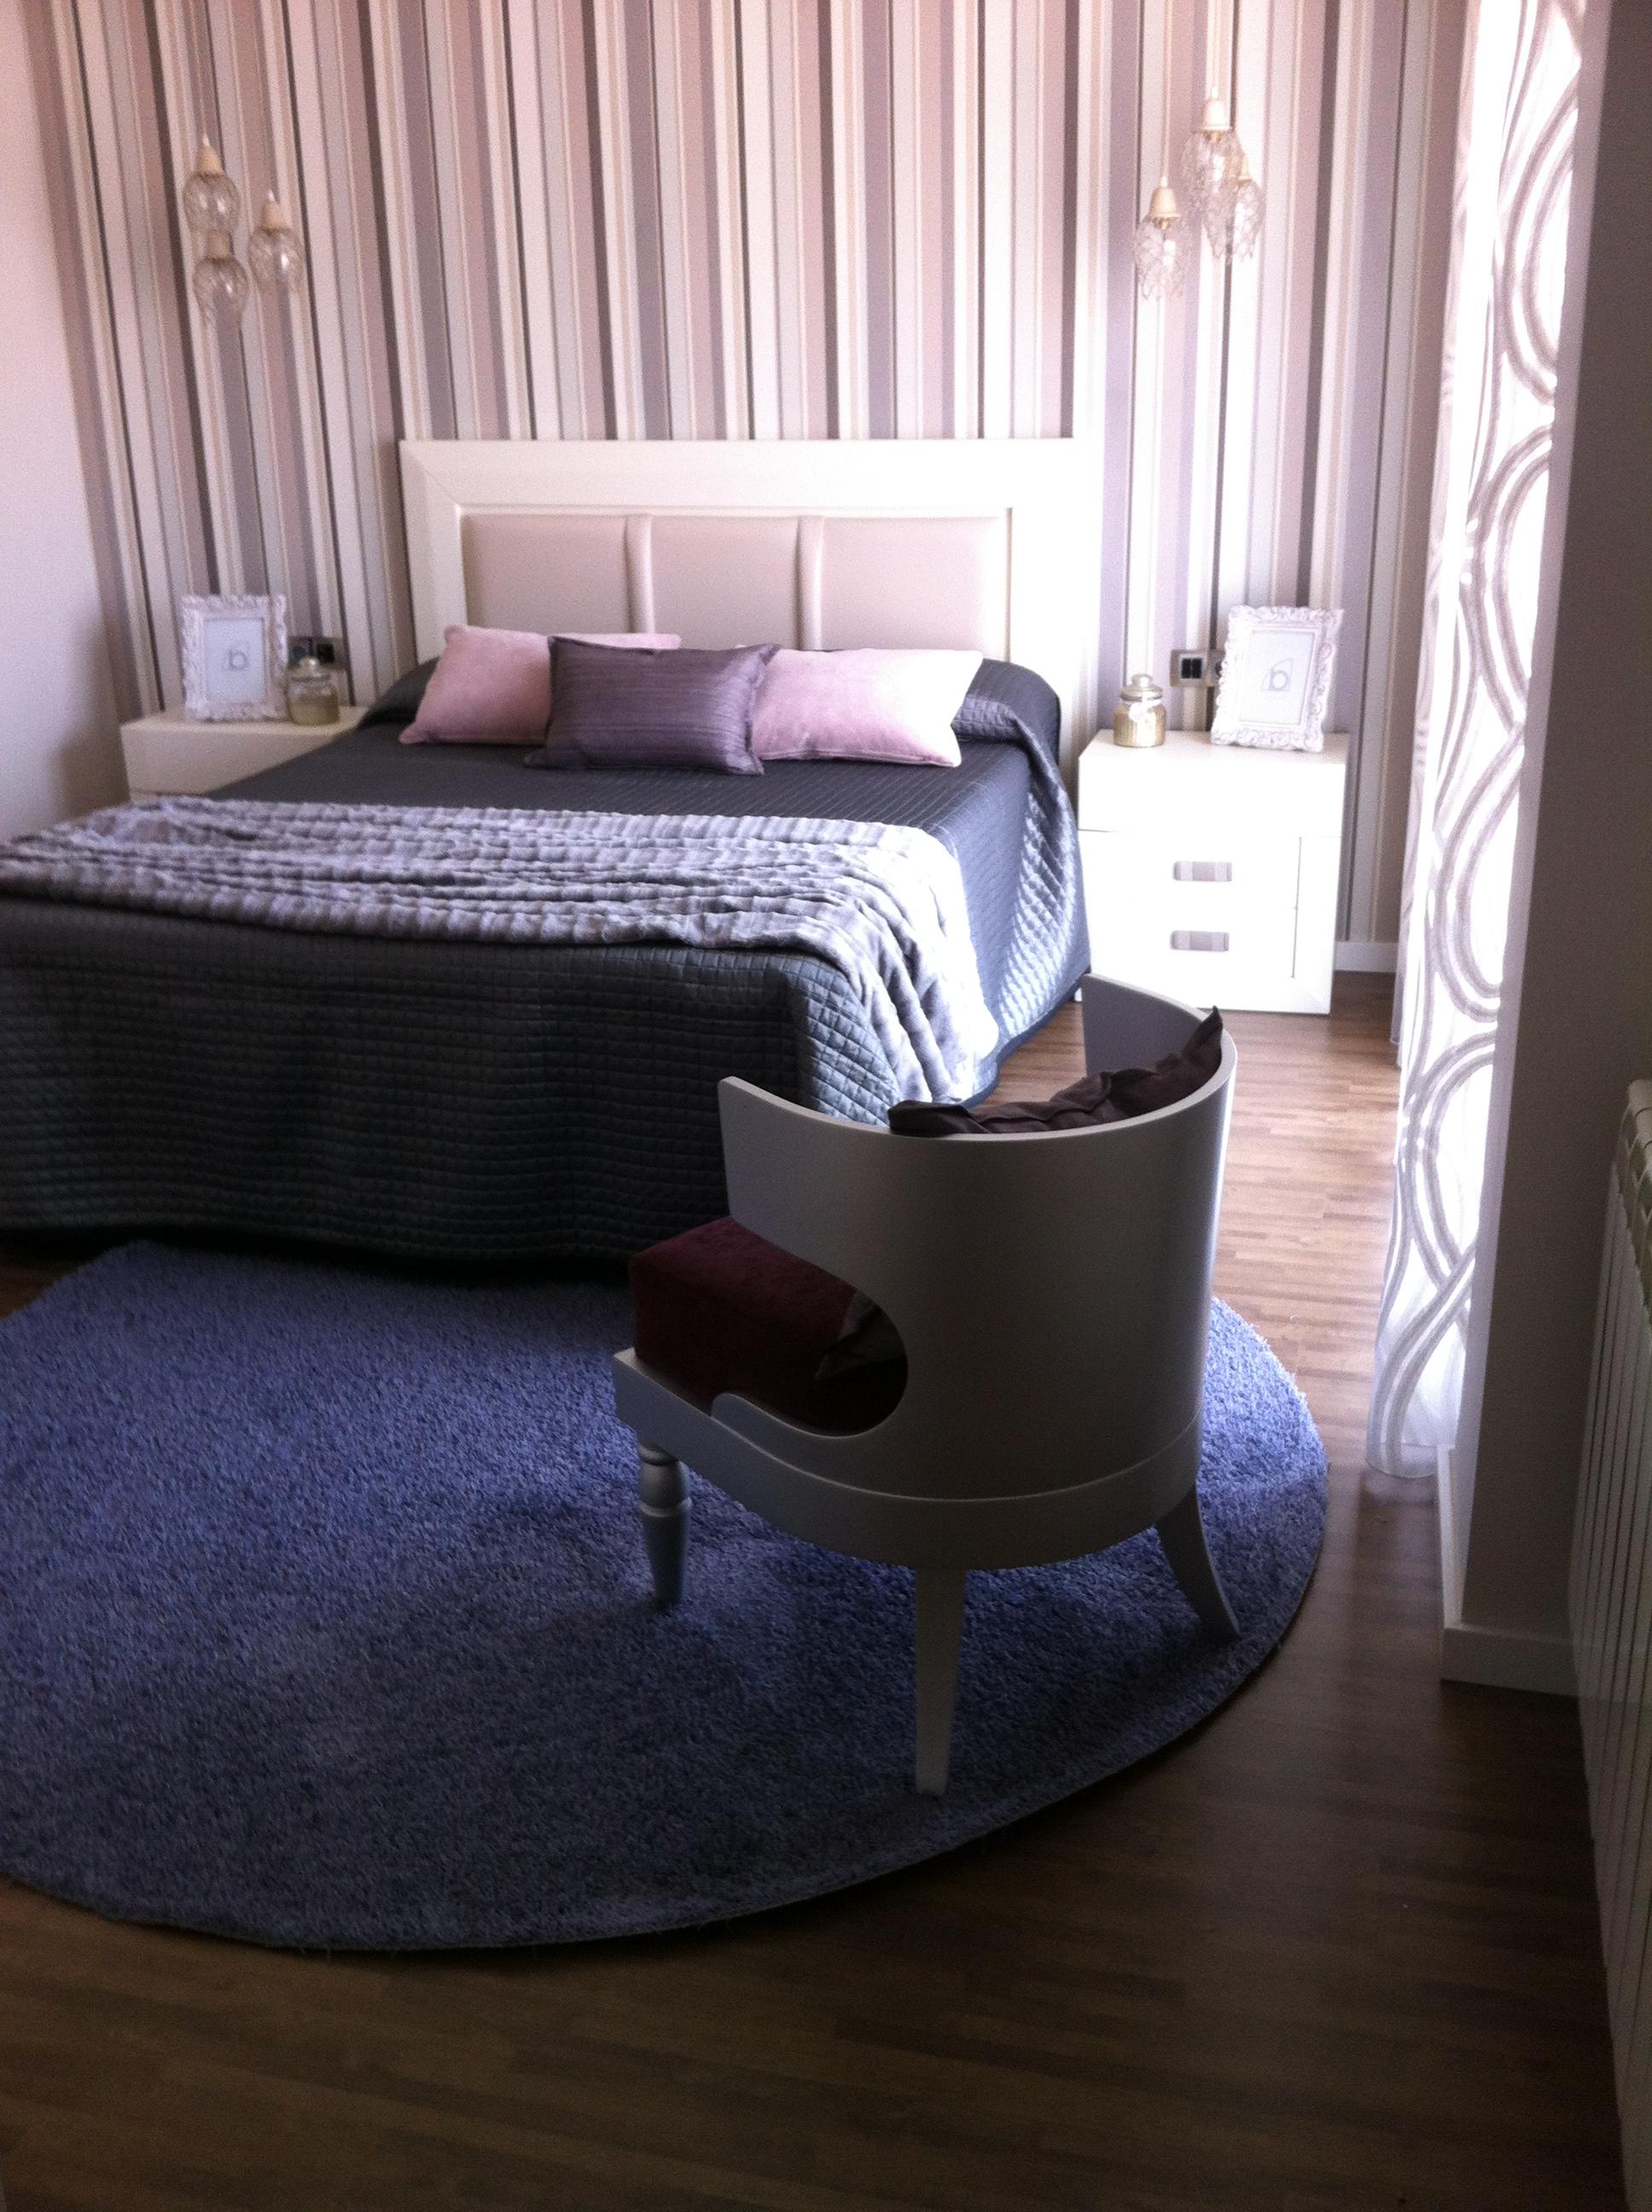 Consejos Decoraci N P Gina 2 Muebles Gregorio # Muebles Casa Lado Cee